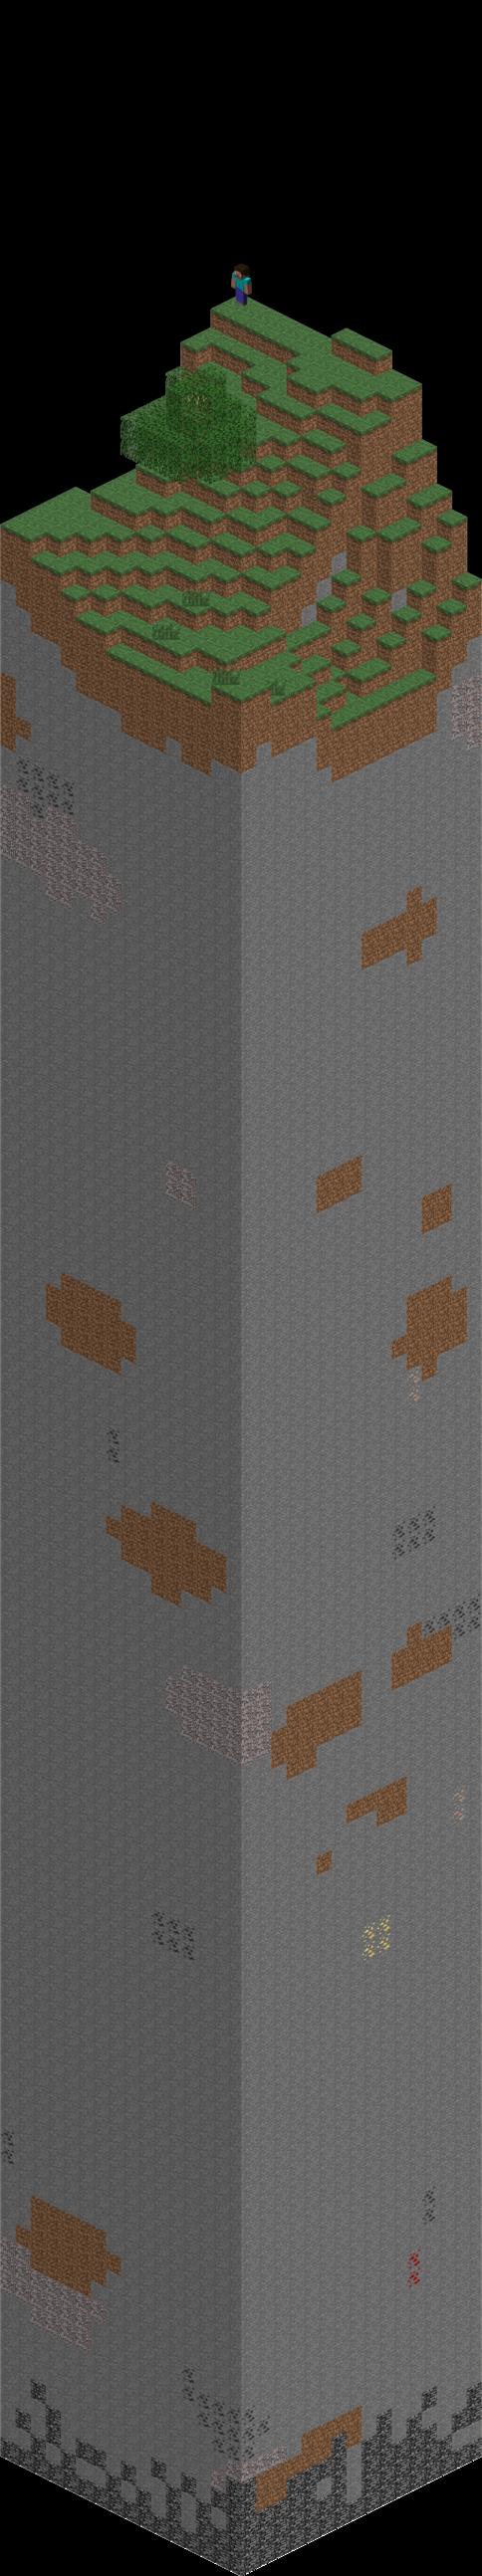 Chunk | Minecraft Bedrock Wiki | FANDOM powered by Wikia